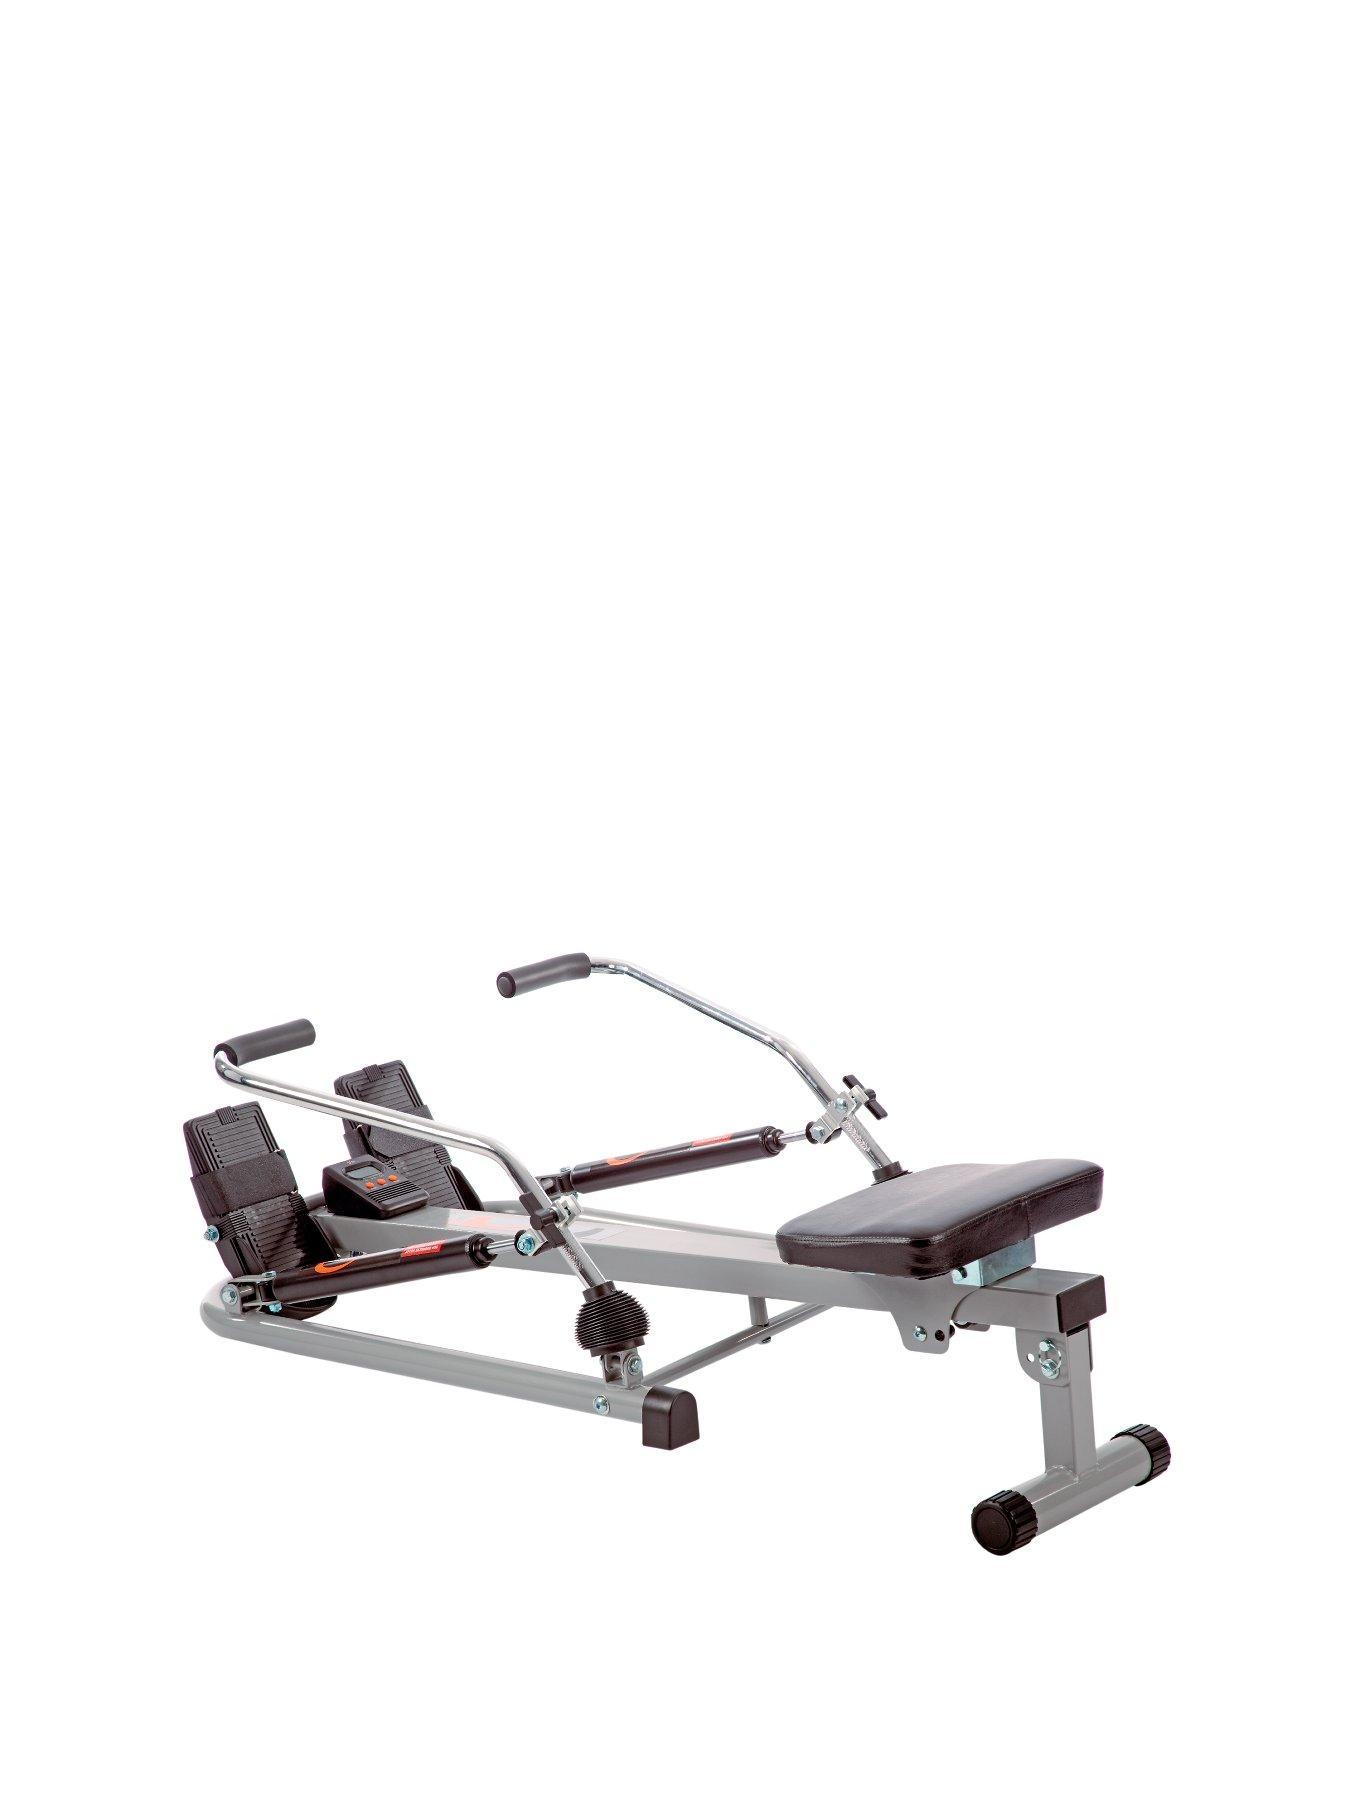 V-Fit HR3 Dual Sculling Hydaulic Rower